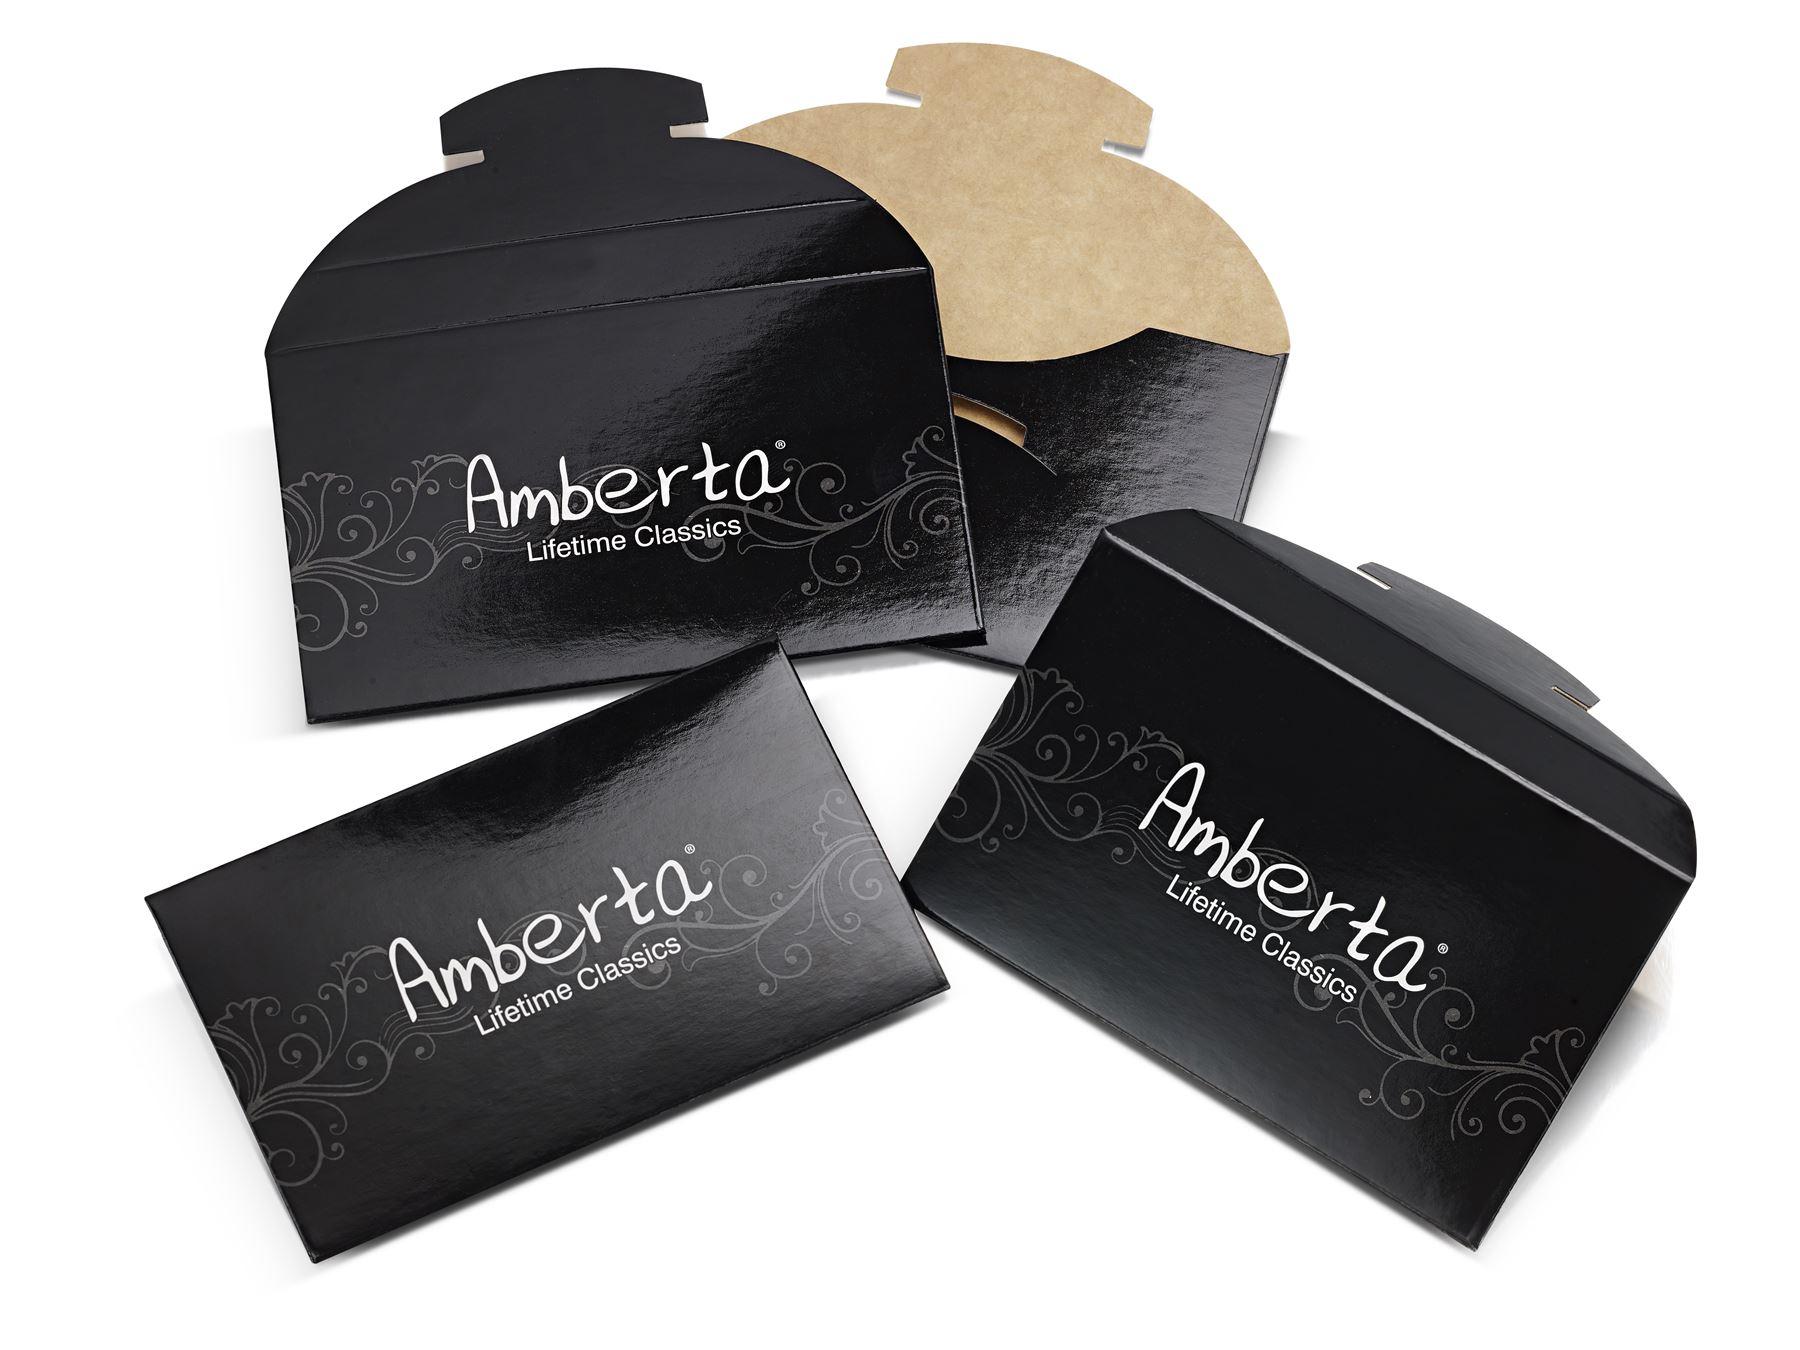 Amberta-Bijoux-Bracelet-en-Vrai-Argent-Sterling-925-Chaine-pour-Femme-a-la-Mode thumbnail 16